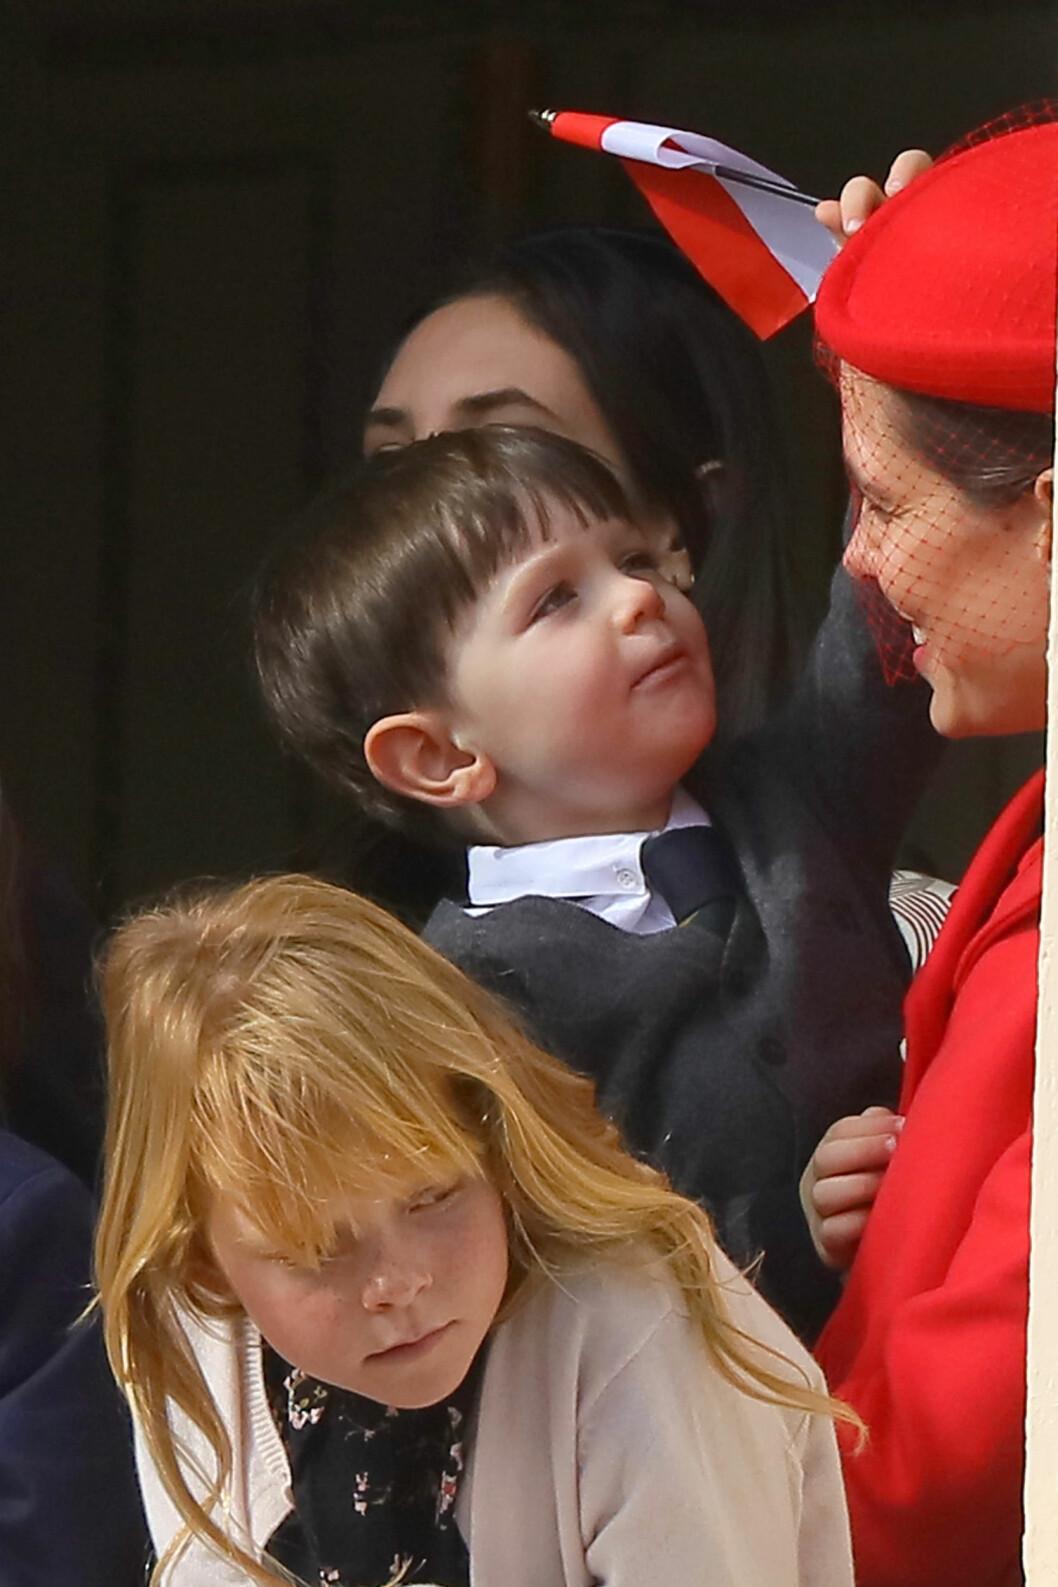 MOR OG SØNN: Charlotte Casiraghi med sønnen Raphaël på balkongen på fyrstepalasset. Foto: NTB Scanpix